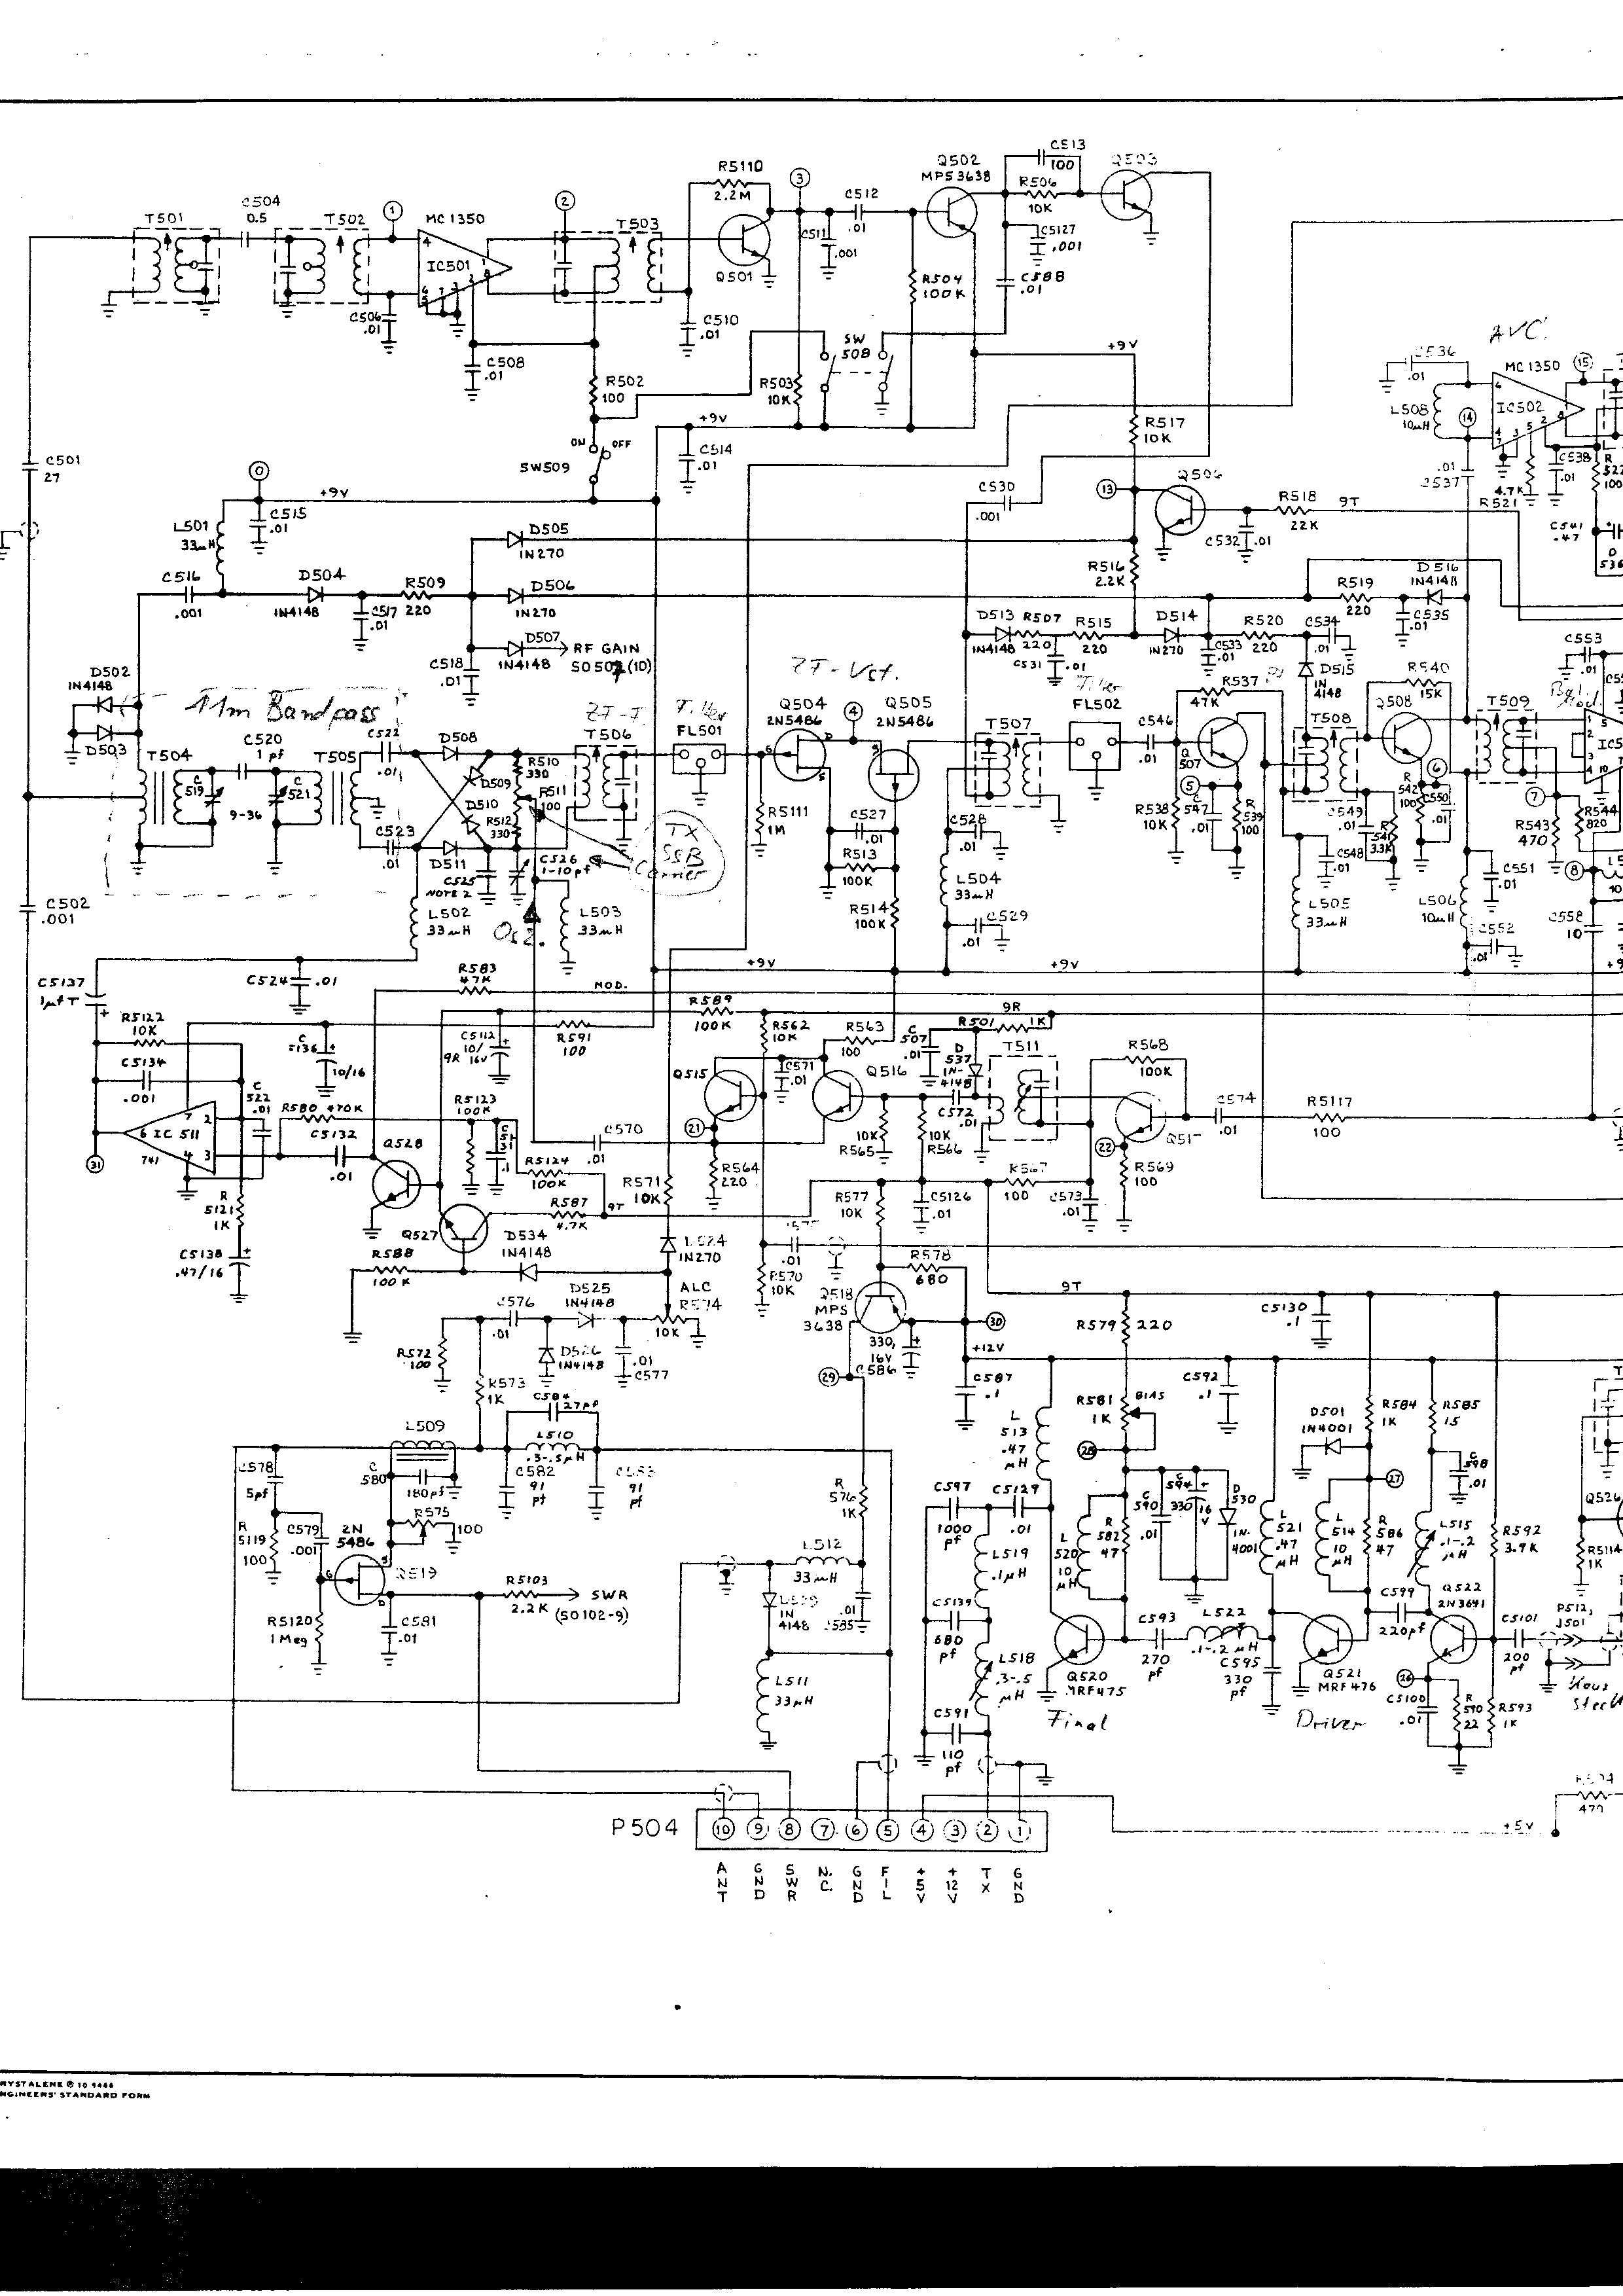 fcu wiring diagram